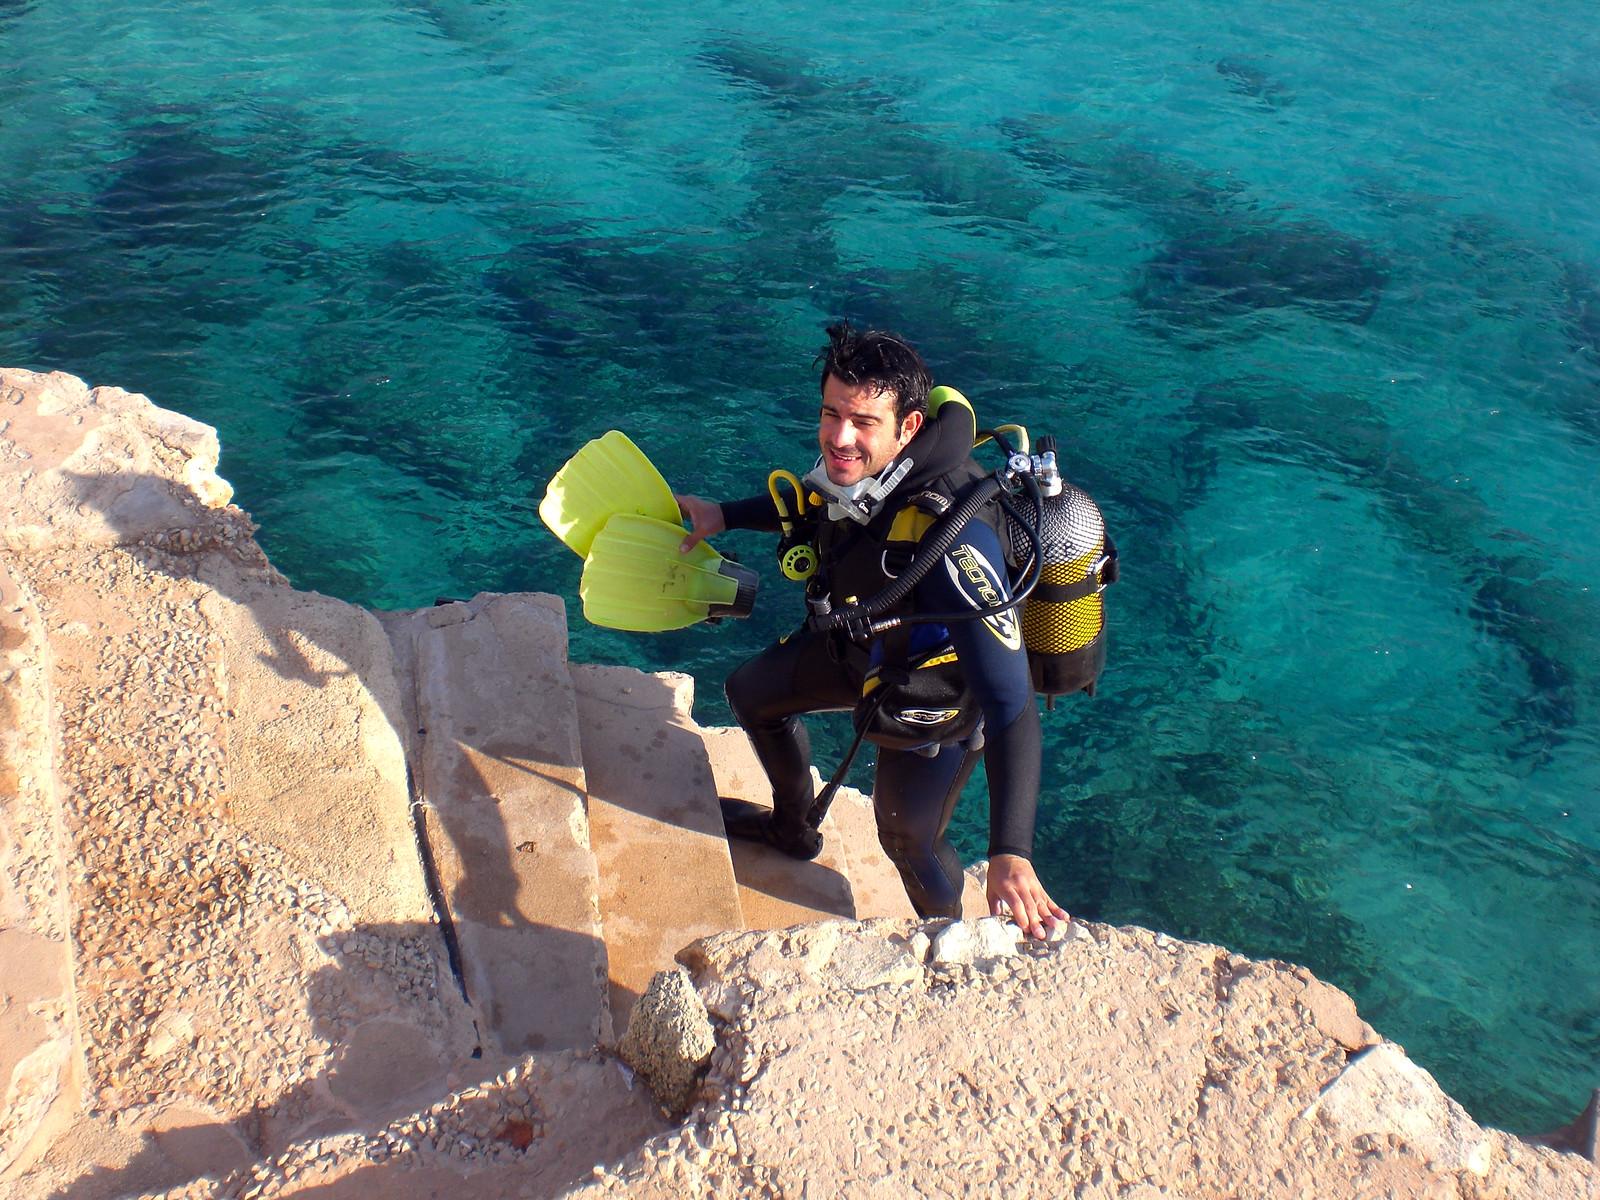 Qué ver en Menorca, Islas Baleares - thewotme qué ver en menorca - 50046799621 bea7a89f24 h - Qué ver en Menorca, lugares a NO perderse